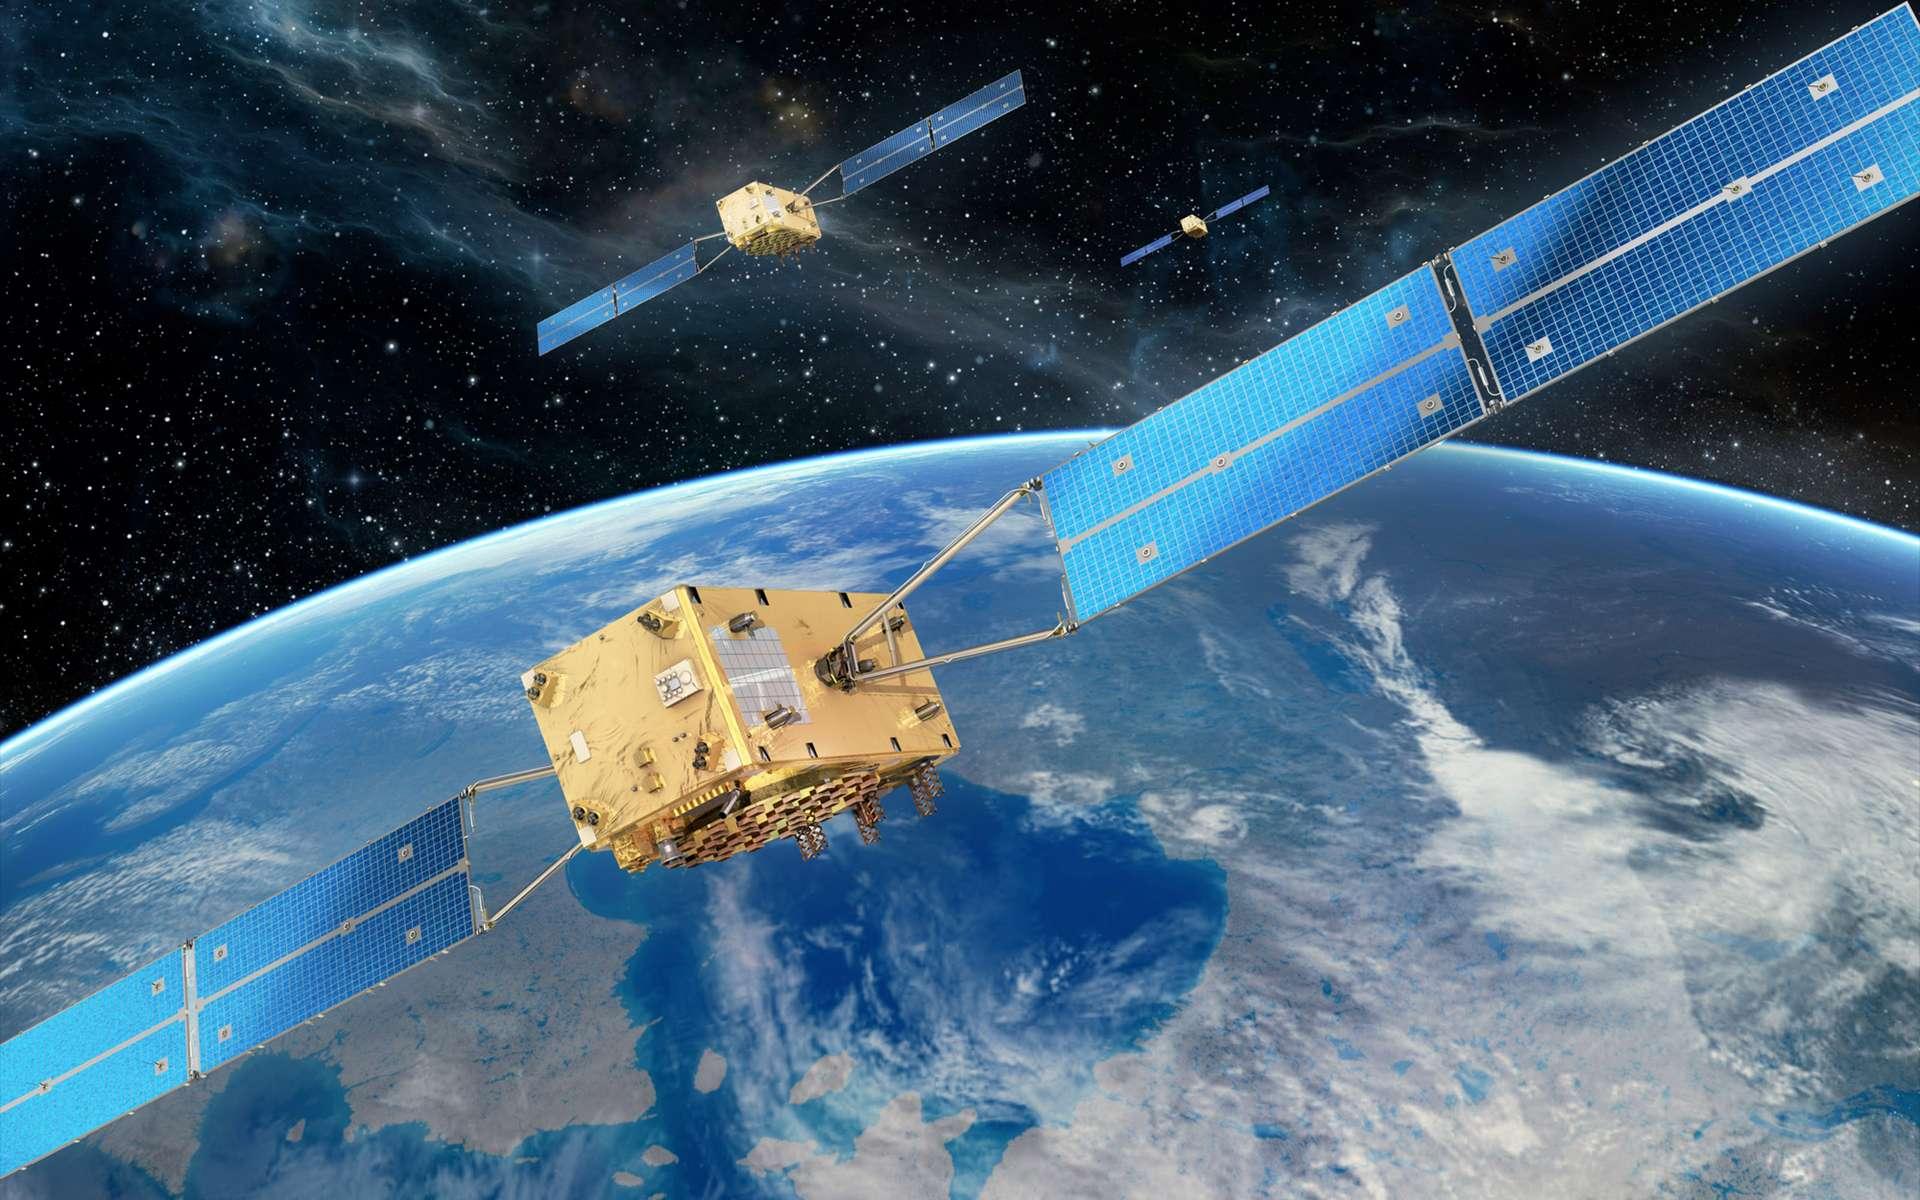 À partir de 2014, Galileo proposera progressivement plusieurs niveaux de service à l'accès ouvert ou plus ou moins restreint. Pour cela, les satellites émettront chacun dix signaux différents : six sont prévus pour des applications civiles, deux pour des applications commerciales et deux pour des services étatiques. © OHB